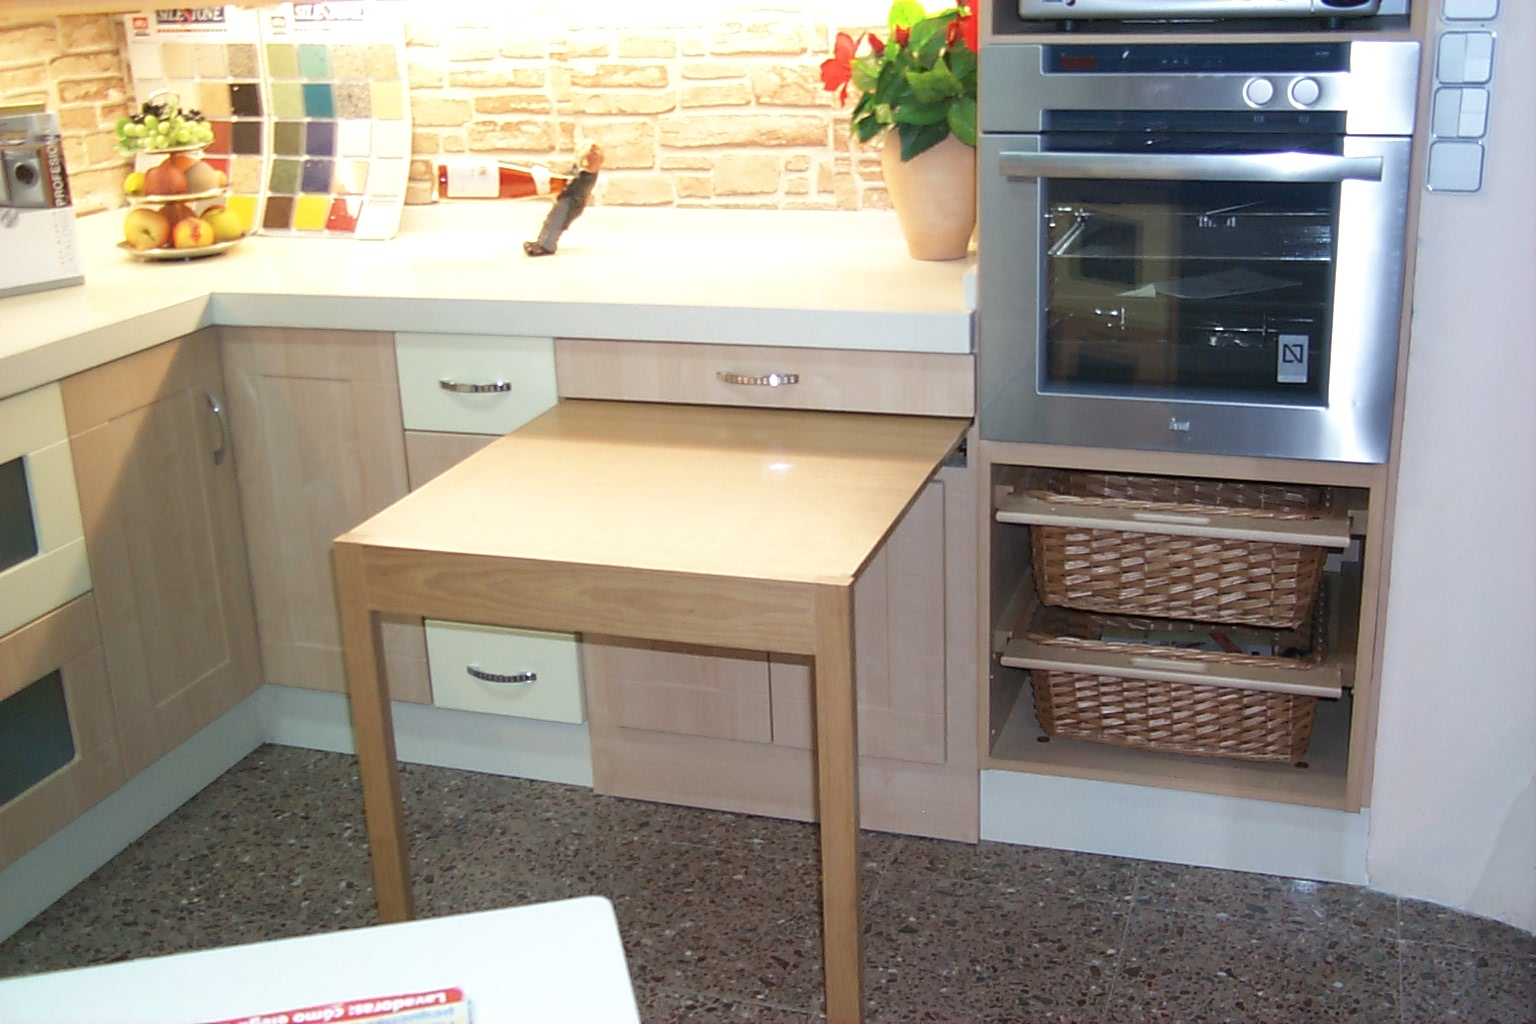 Mesa de cocina extraible induaho induaho - Mesas de cocina bricor ...